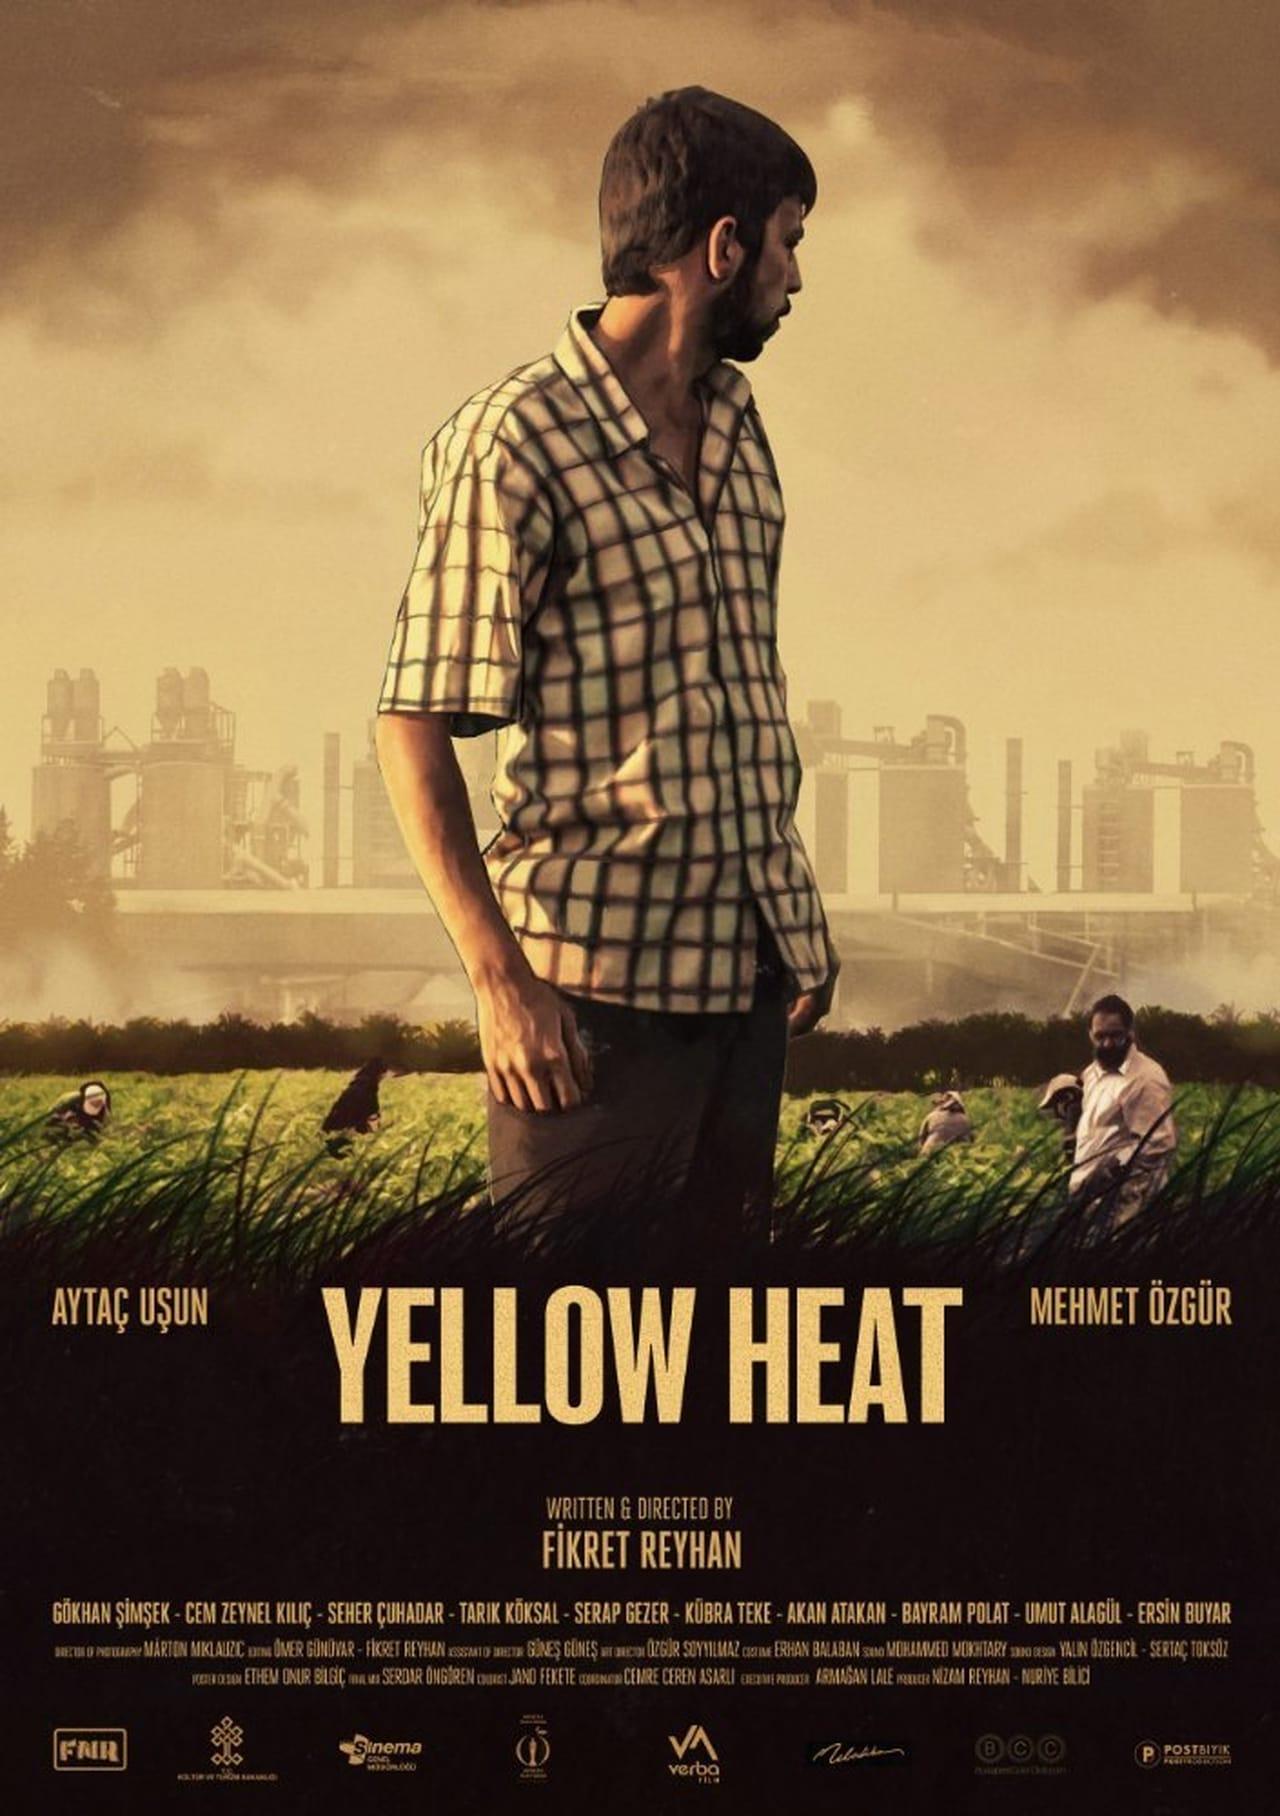 Yellow Heat